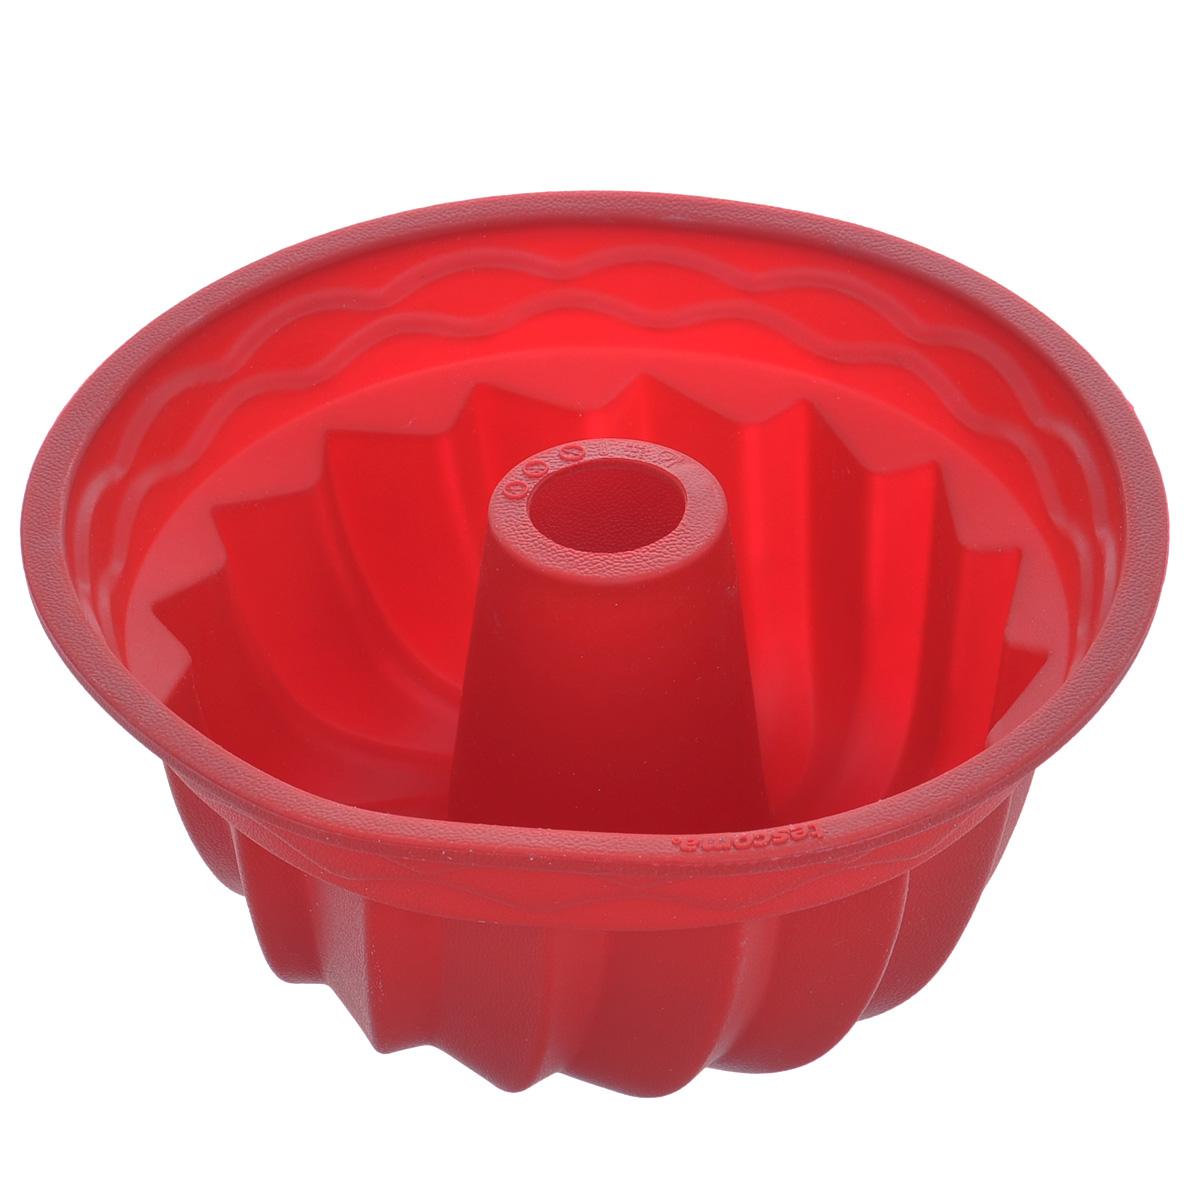 Форма для выпечки кекса Tescoma Delicia Silicone, круглая, цвет: красный, диаметр 24 см629224Круглая форма Tescoma Delicia Silicone будет отличным выбором для всех любителей выпечки. Благодаря тому, что форма изготовлена из силикона, готовую выпечку вынимать легко и просто. Стенки формы оснащены рельефной поверхностью. Форма прекрасно подходит для выпечки кексов. С такой формой вы всегда сможете порадовать своих близких оригинальной выпечкой. Материал изделия устойчив к фруктовым кислотам, может быть использован в духовках, микроволновых печах, холодильниках и морозильных камерах (выдерживает температуру от -40°C до 230°C). Антипригарные свойства материала позволяют готовить без использования масла.Можно мыть и сушить в посудомоечной машине. При работе с формой используйте кухонный инструмент из силикона - кисти, лопатки, скребки. Не ставьте форму на электрическую конфорку. Не разрезайте выпечку прямо в форме.